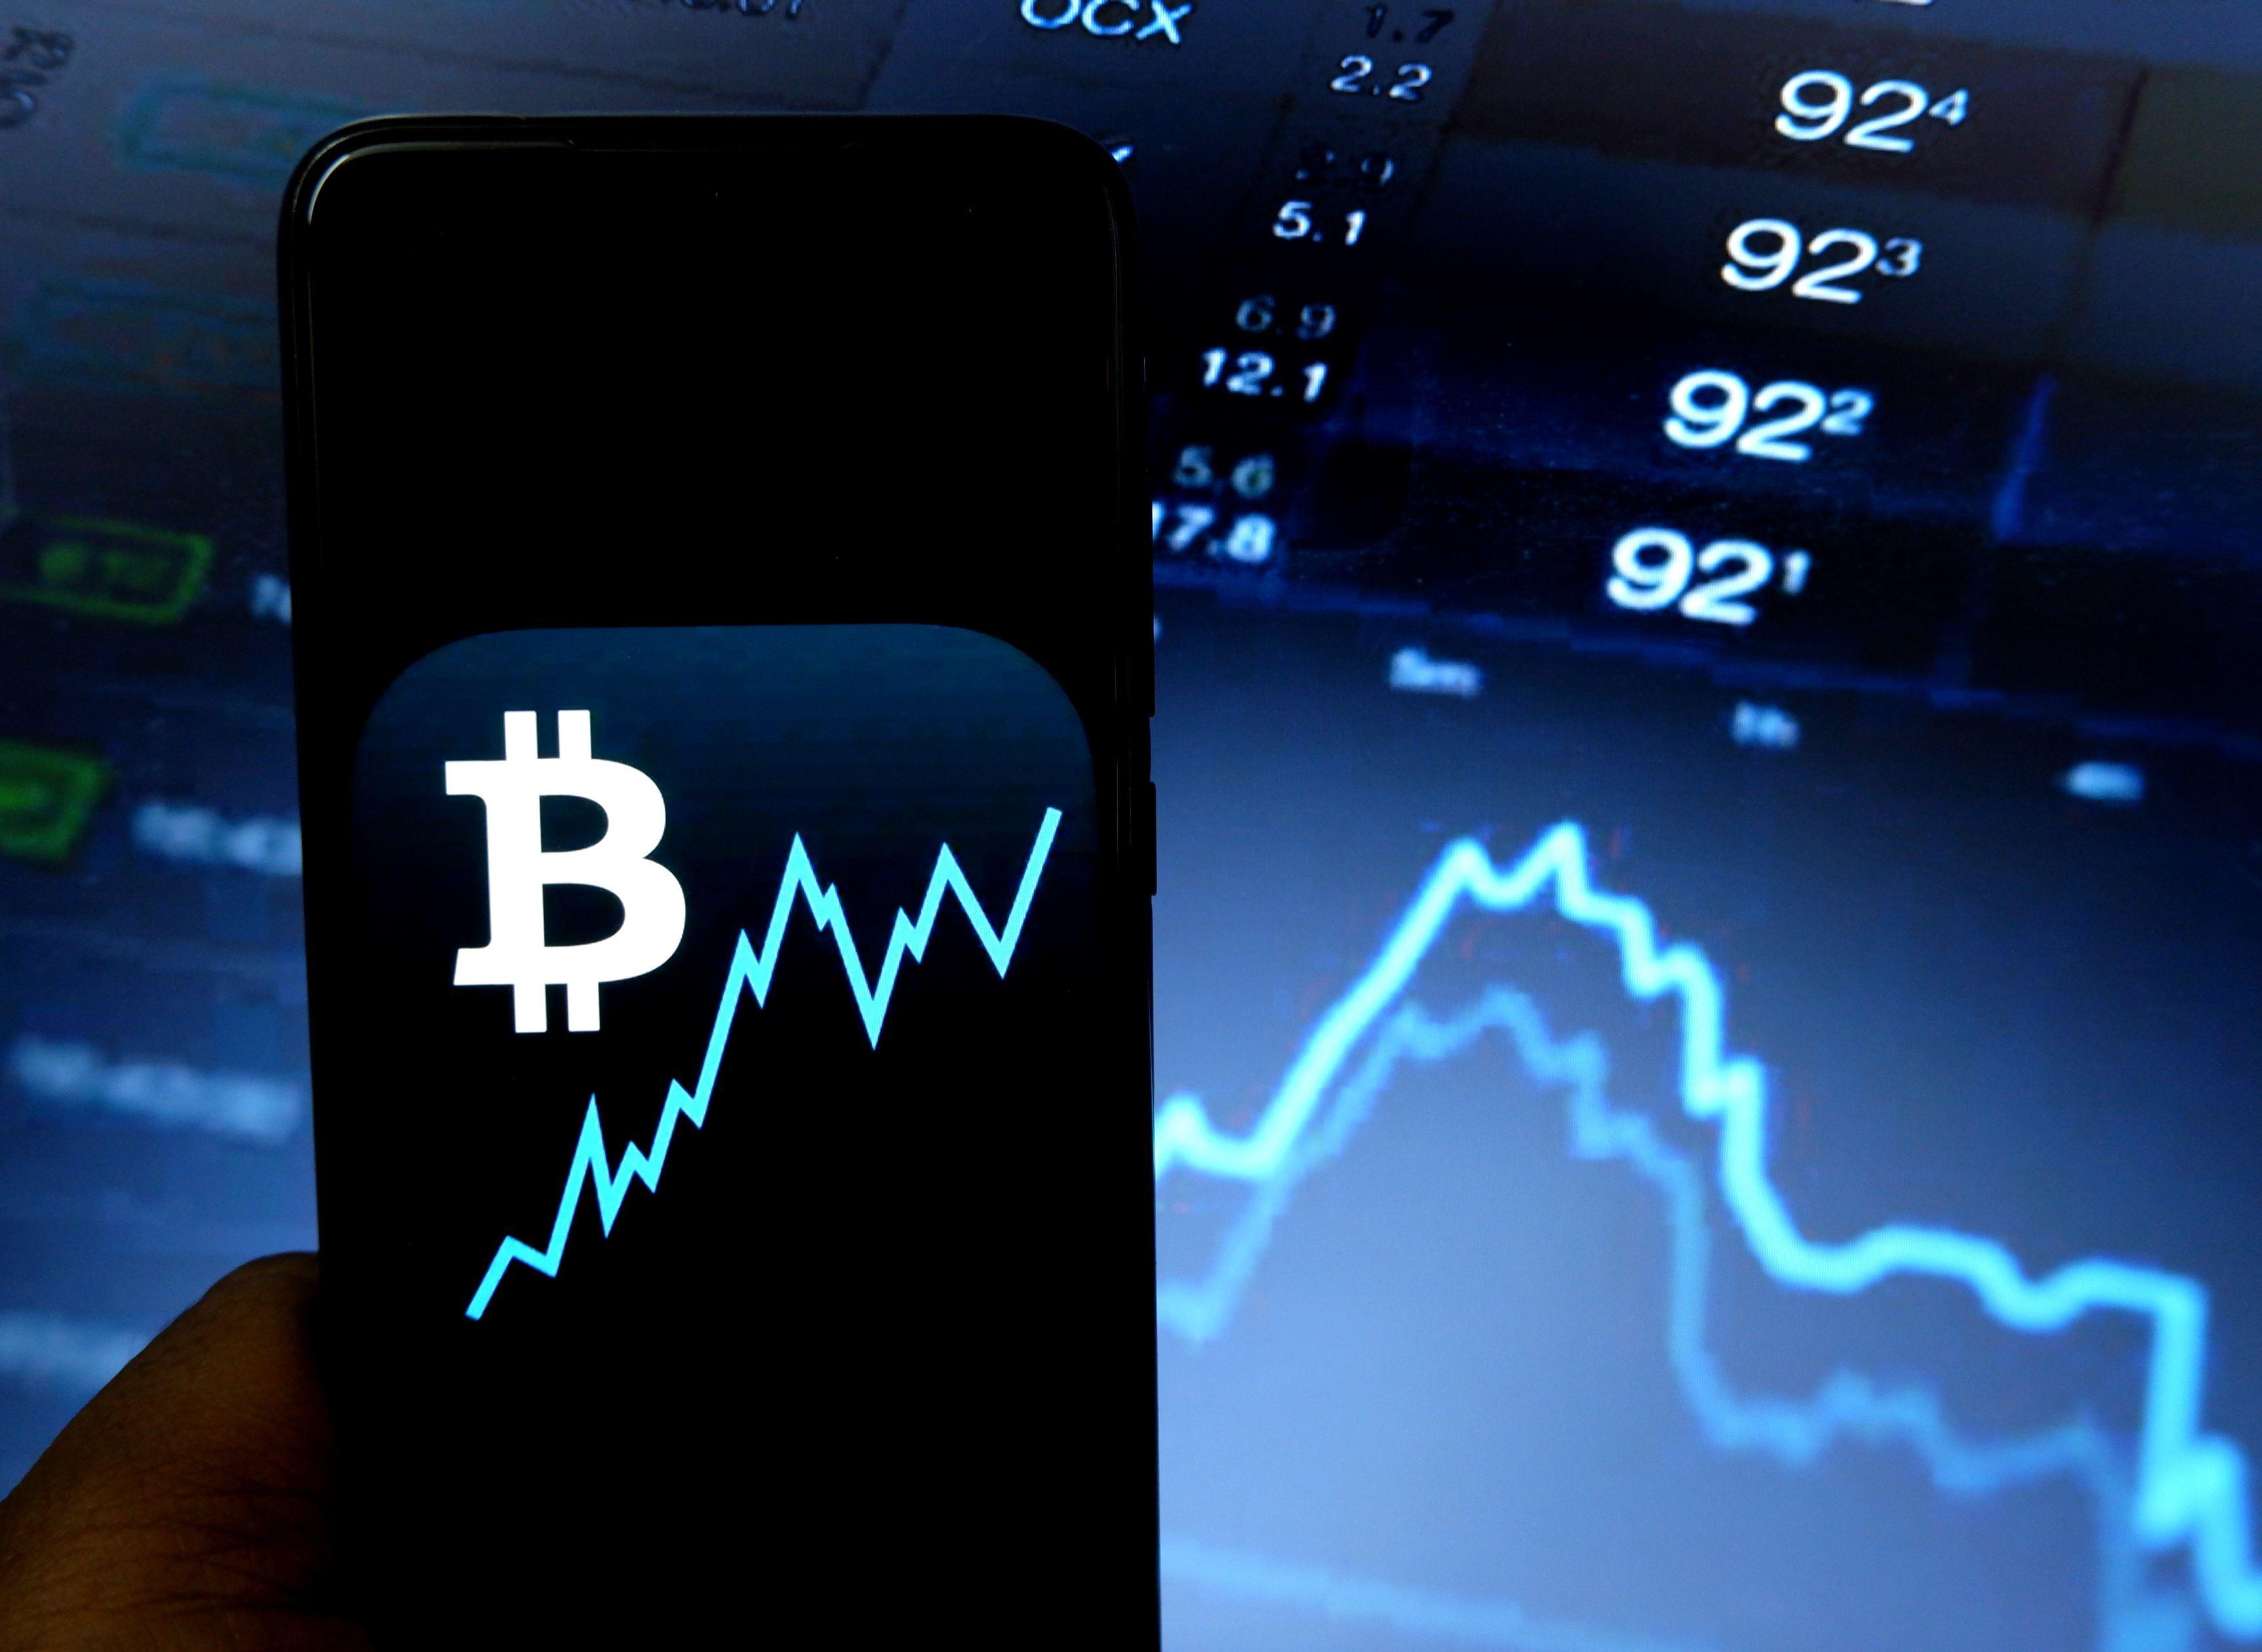 în cazul în care pentru a stoca Bitcoins după cumpărare